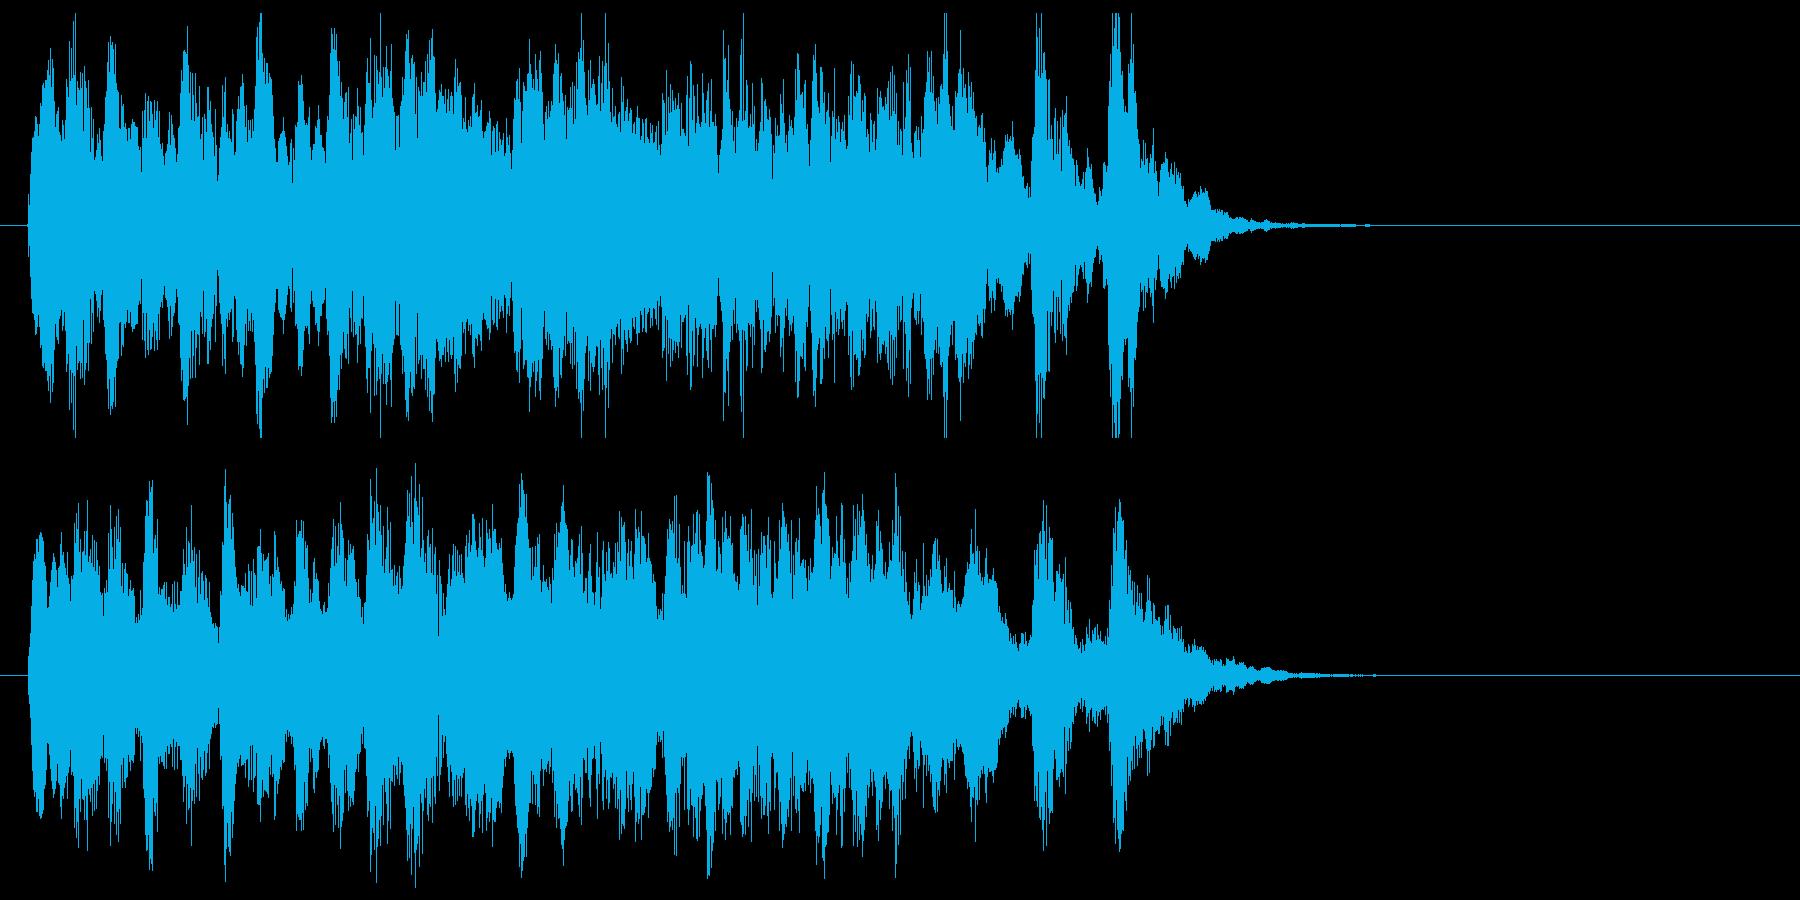 バレエ曲風オーケストラ・ジングルの再生済みの波形